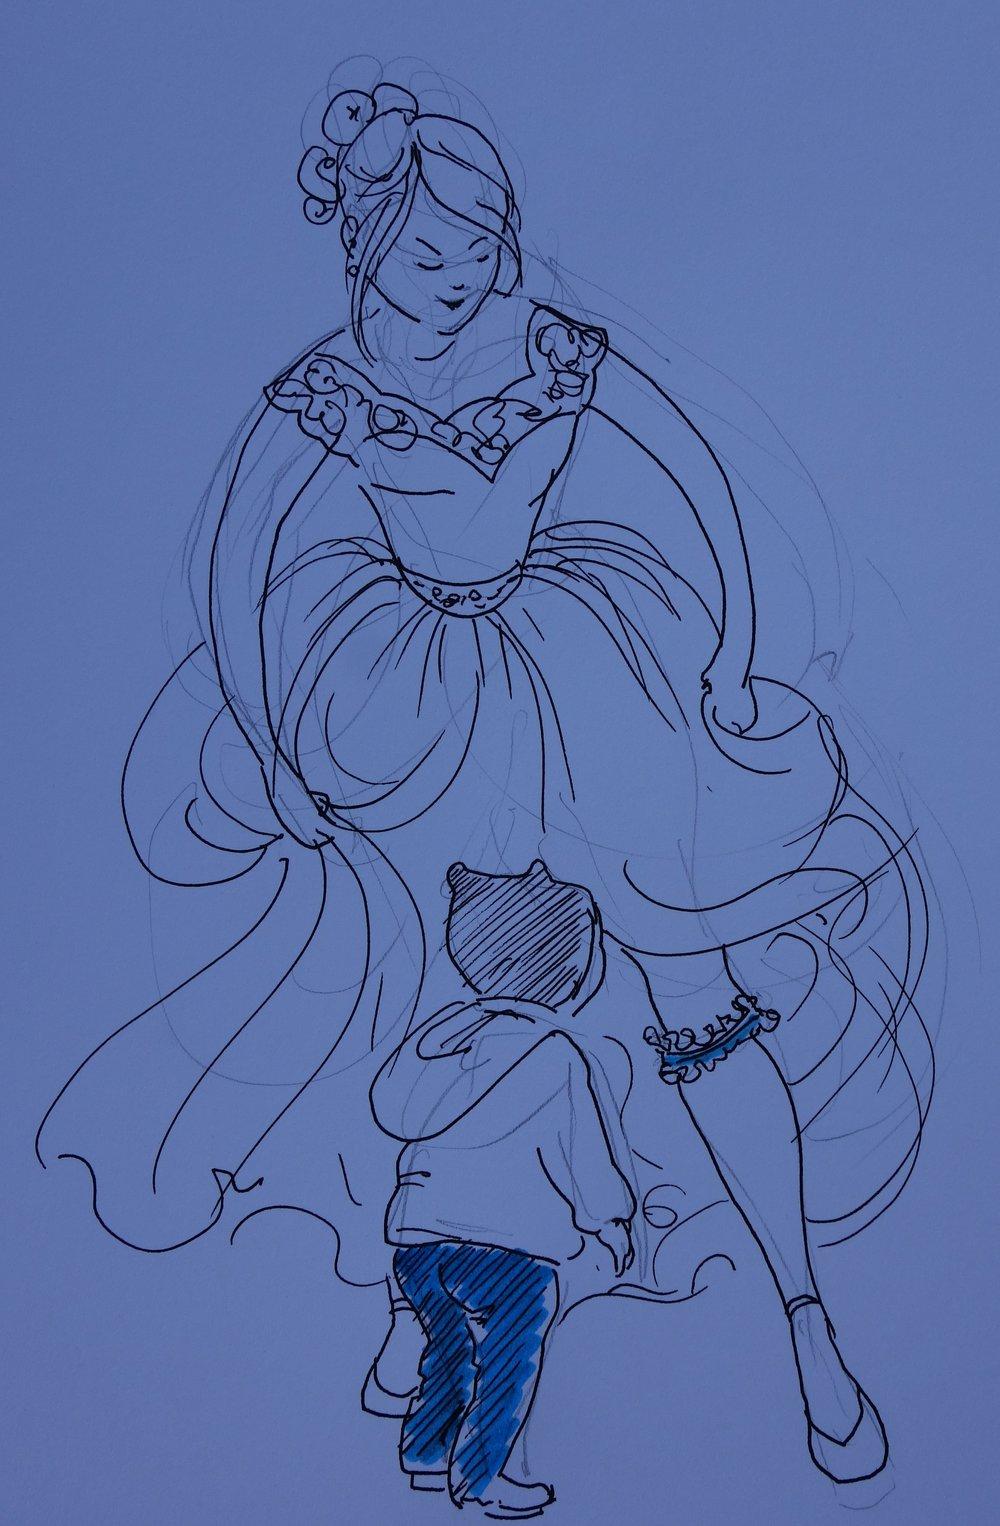 """Der junge Mann erhaschte einen Blick auf """"etwas Blaues"""" der Braut. Das warf ihn buchstäblich um..."""